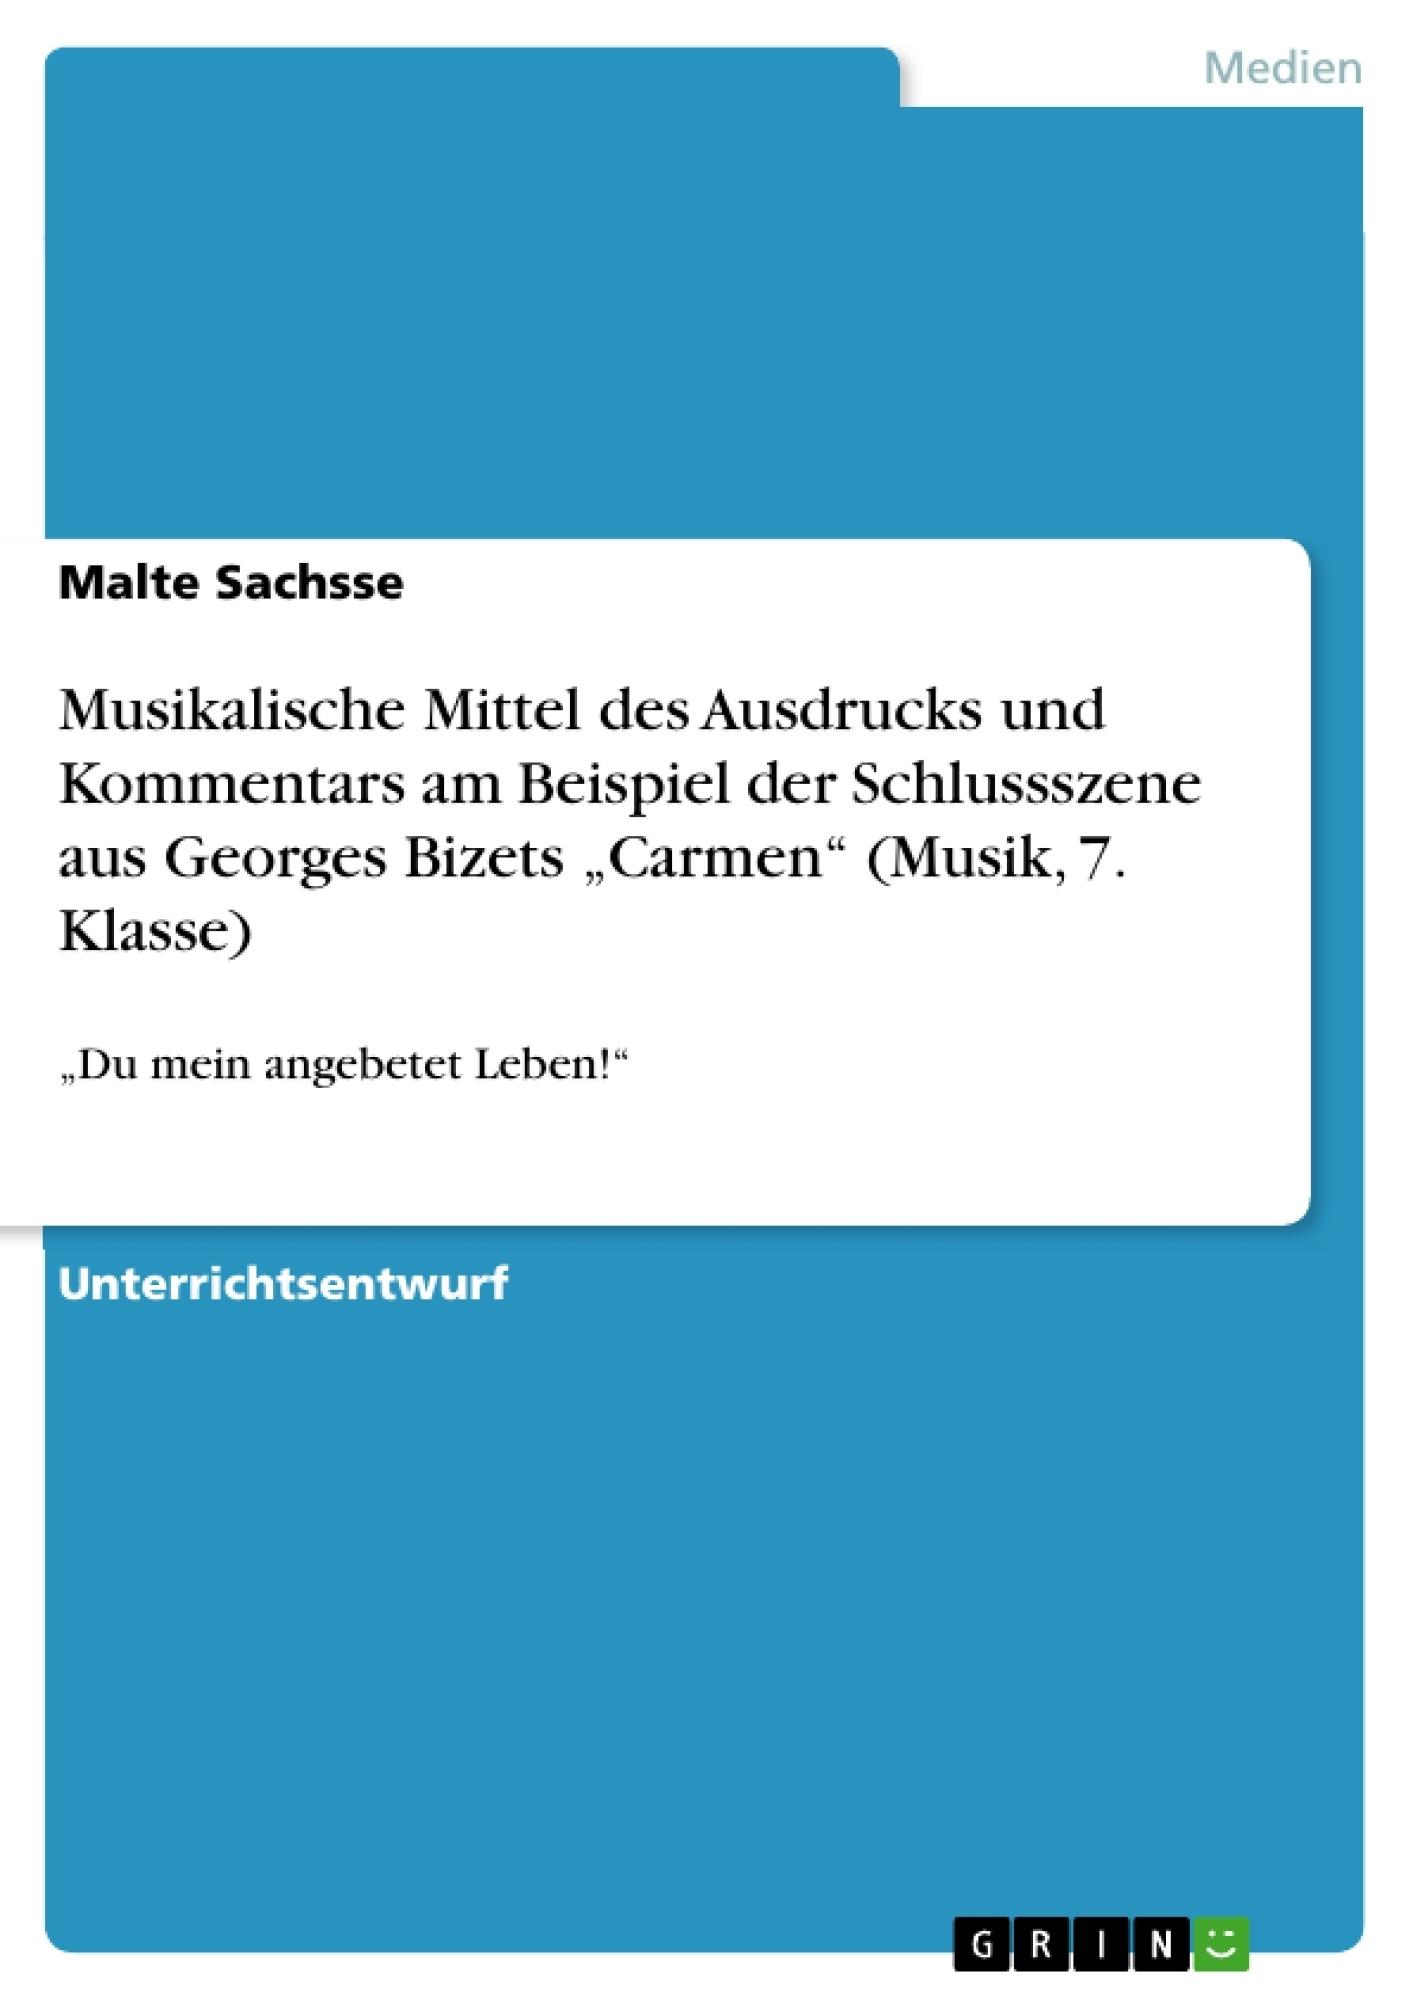 """Titel: Musikalische Mittel des Ausdrucks und Kommentars am Beispiel der Schlussszene aus Georges Bizets """"Carmen"""" (Musik, 7. Klasse)"""